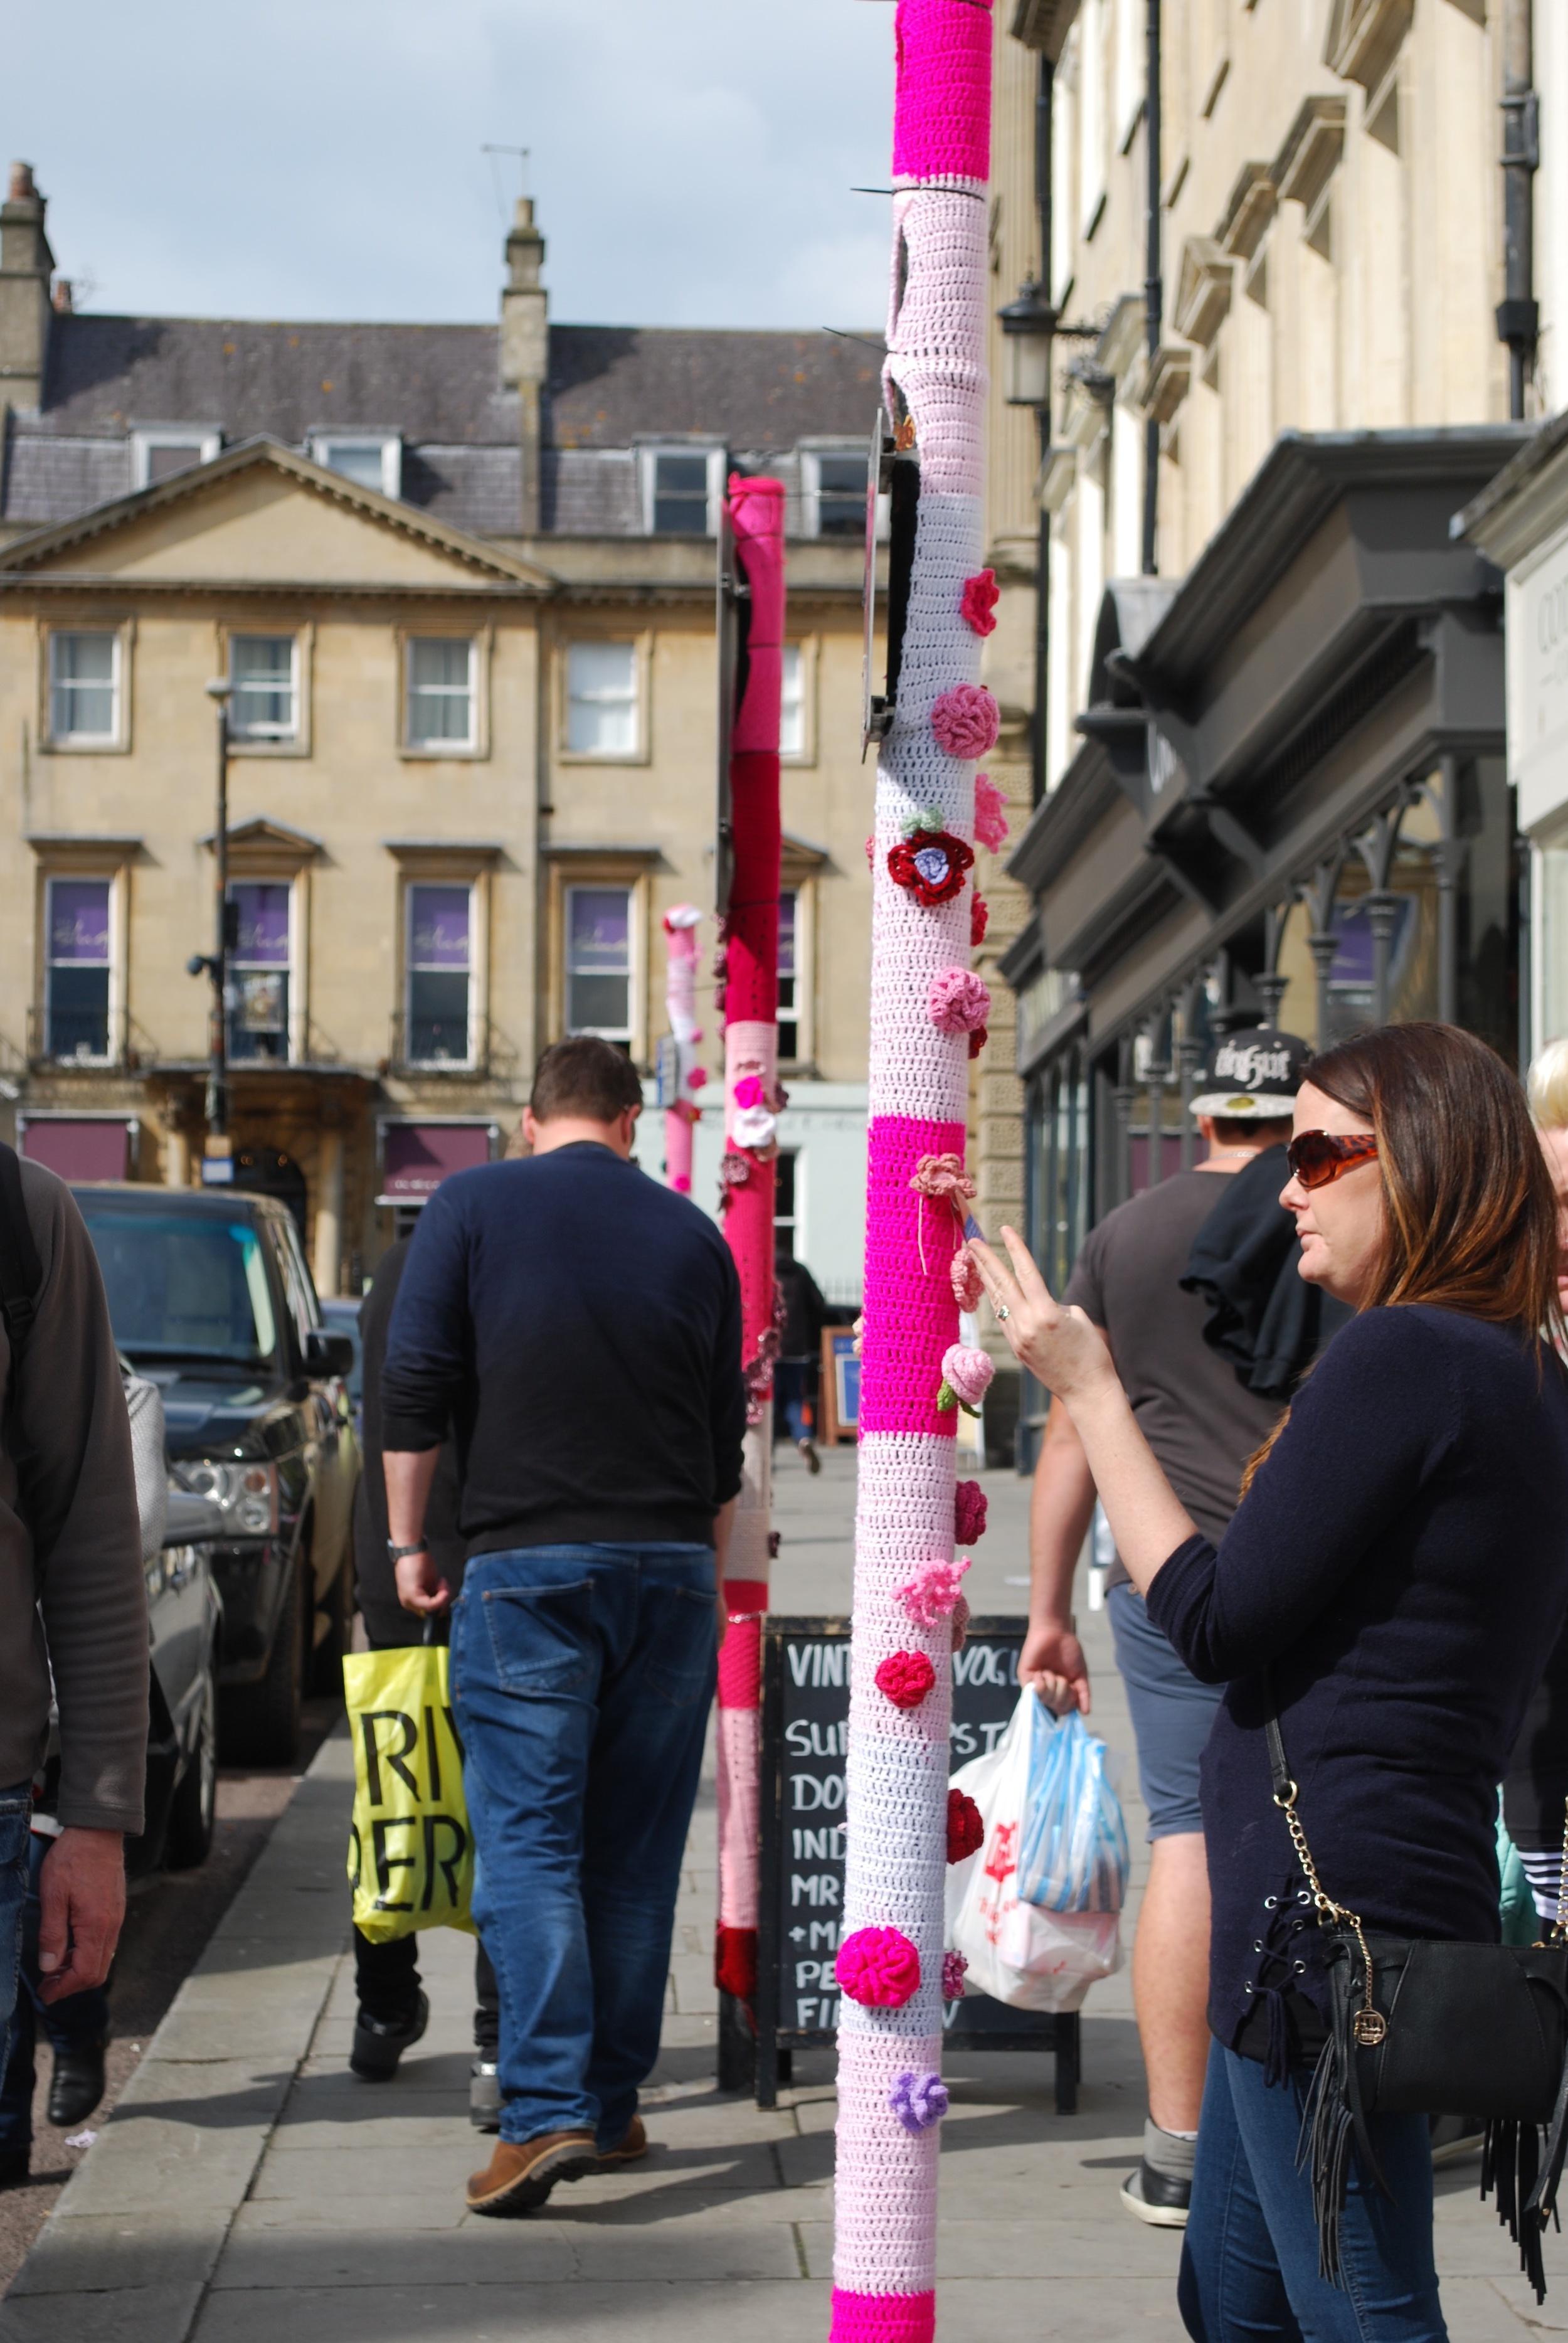 Bath In Fashion 2016 Yarn bomb lady interacting